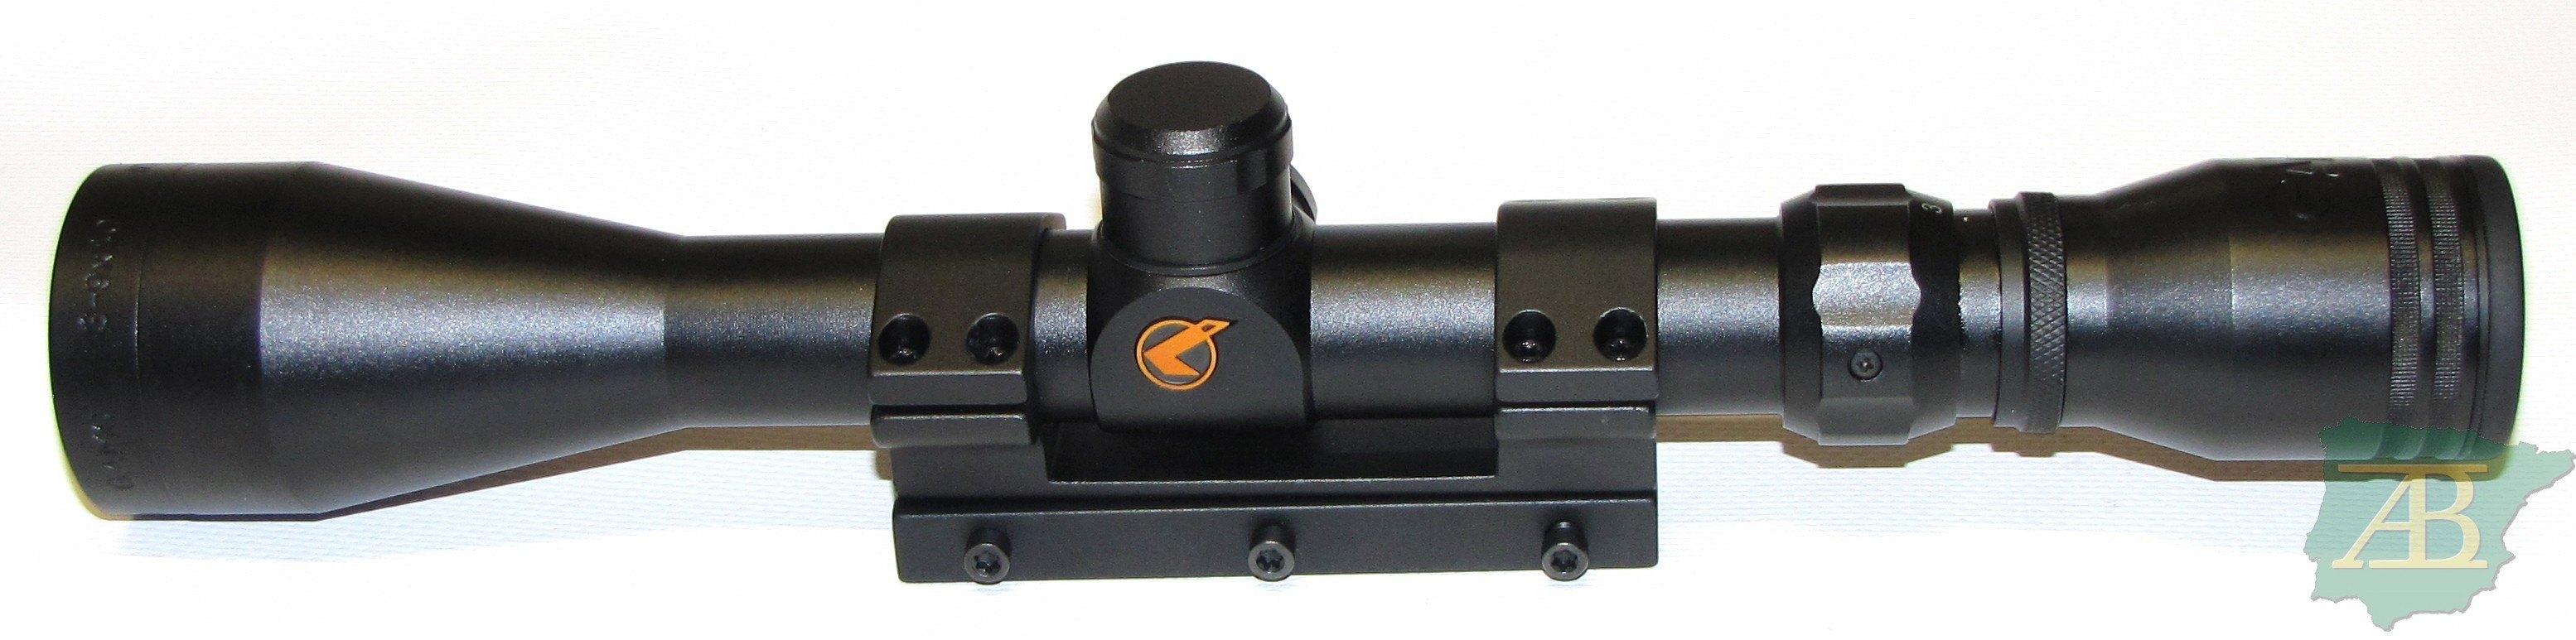 GAMO 3-9X40